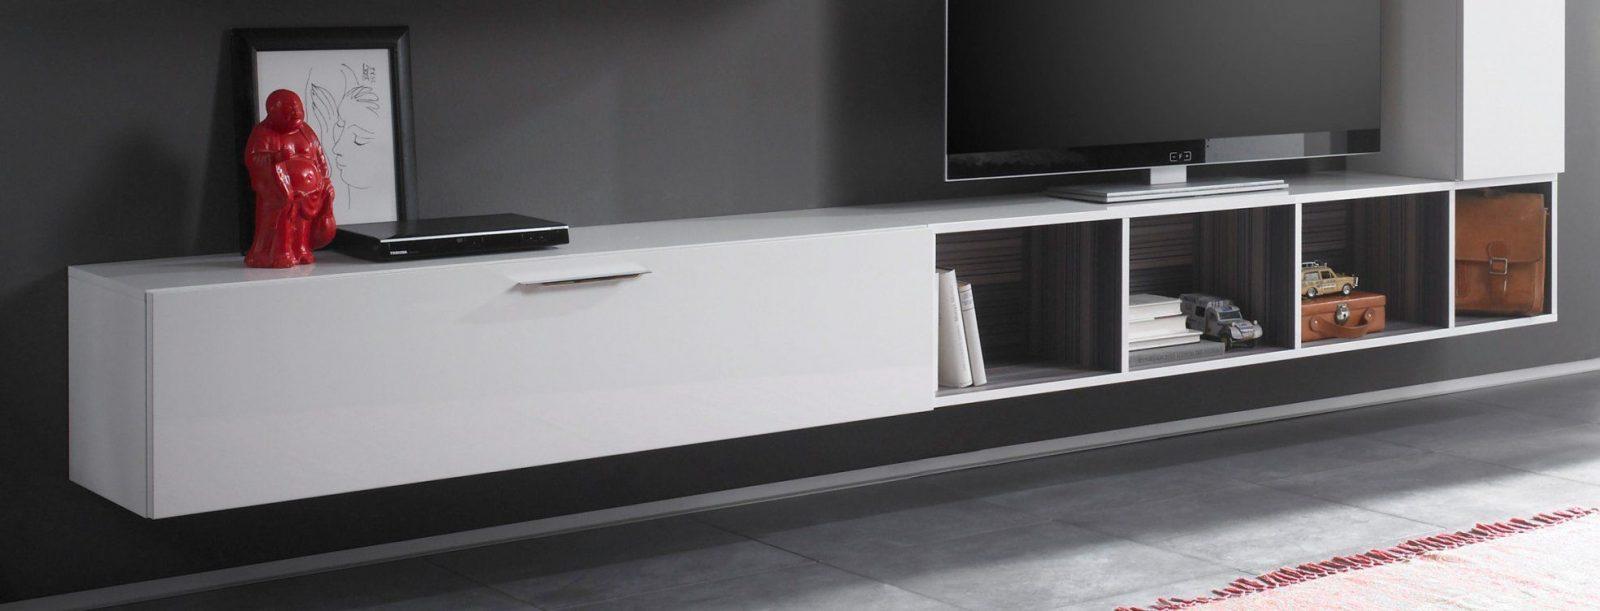 Luxus Tv Lowboard Hängend Beeindruckend Lowboard Weiã Hã Ngend von Tv Lowboard Weiß Hängend Photo